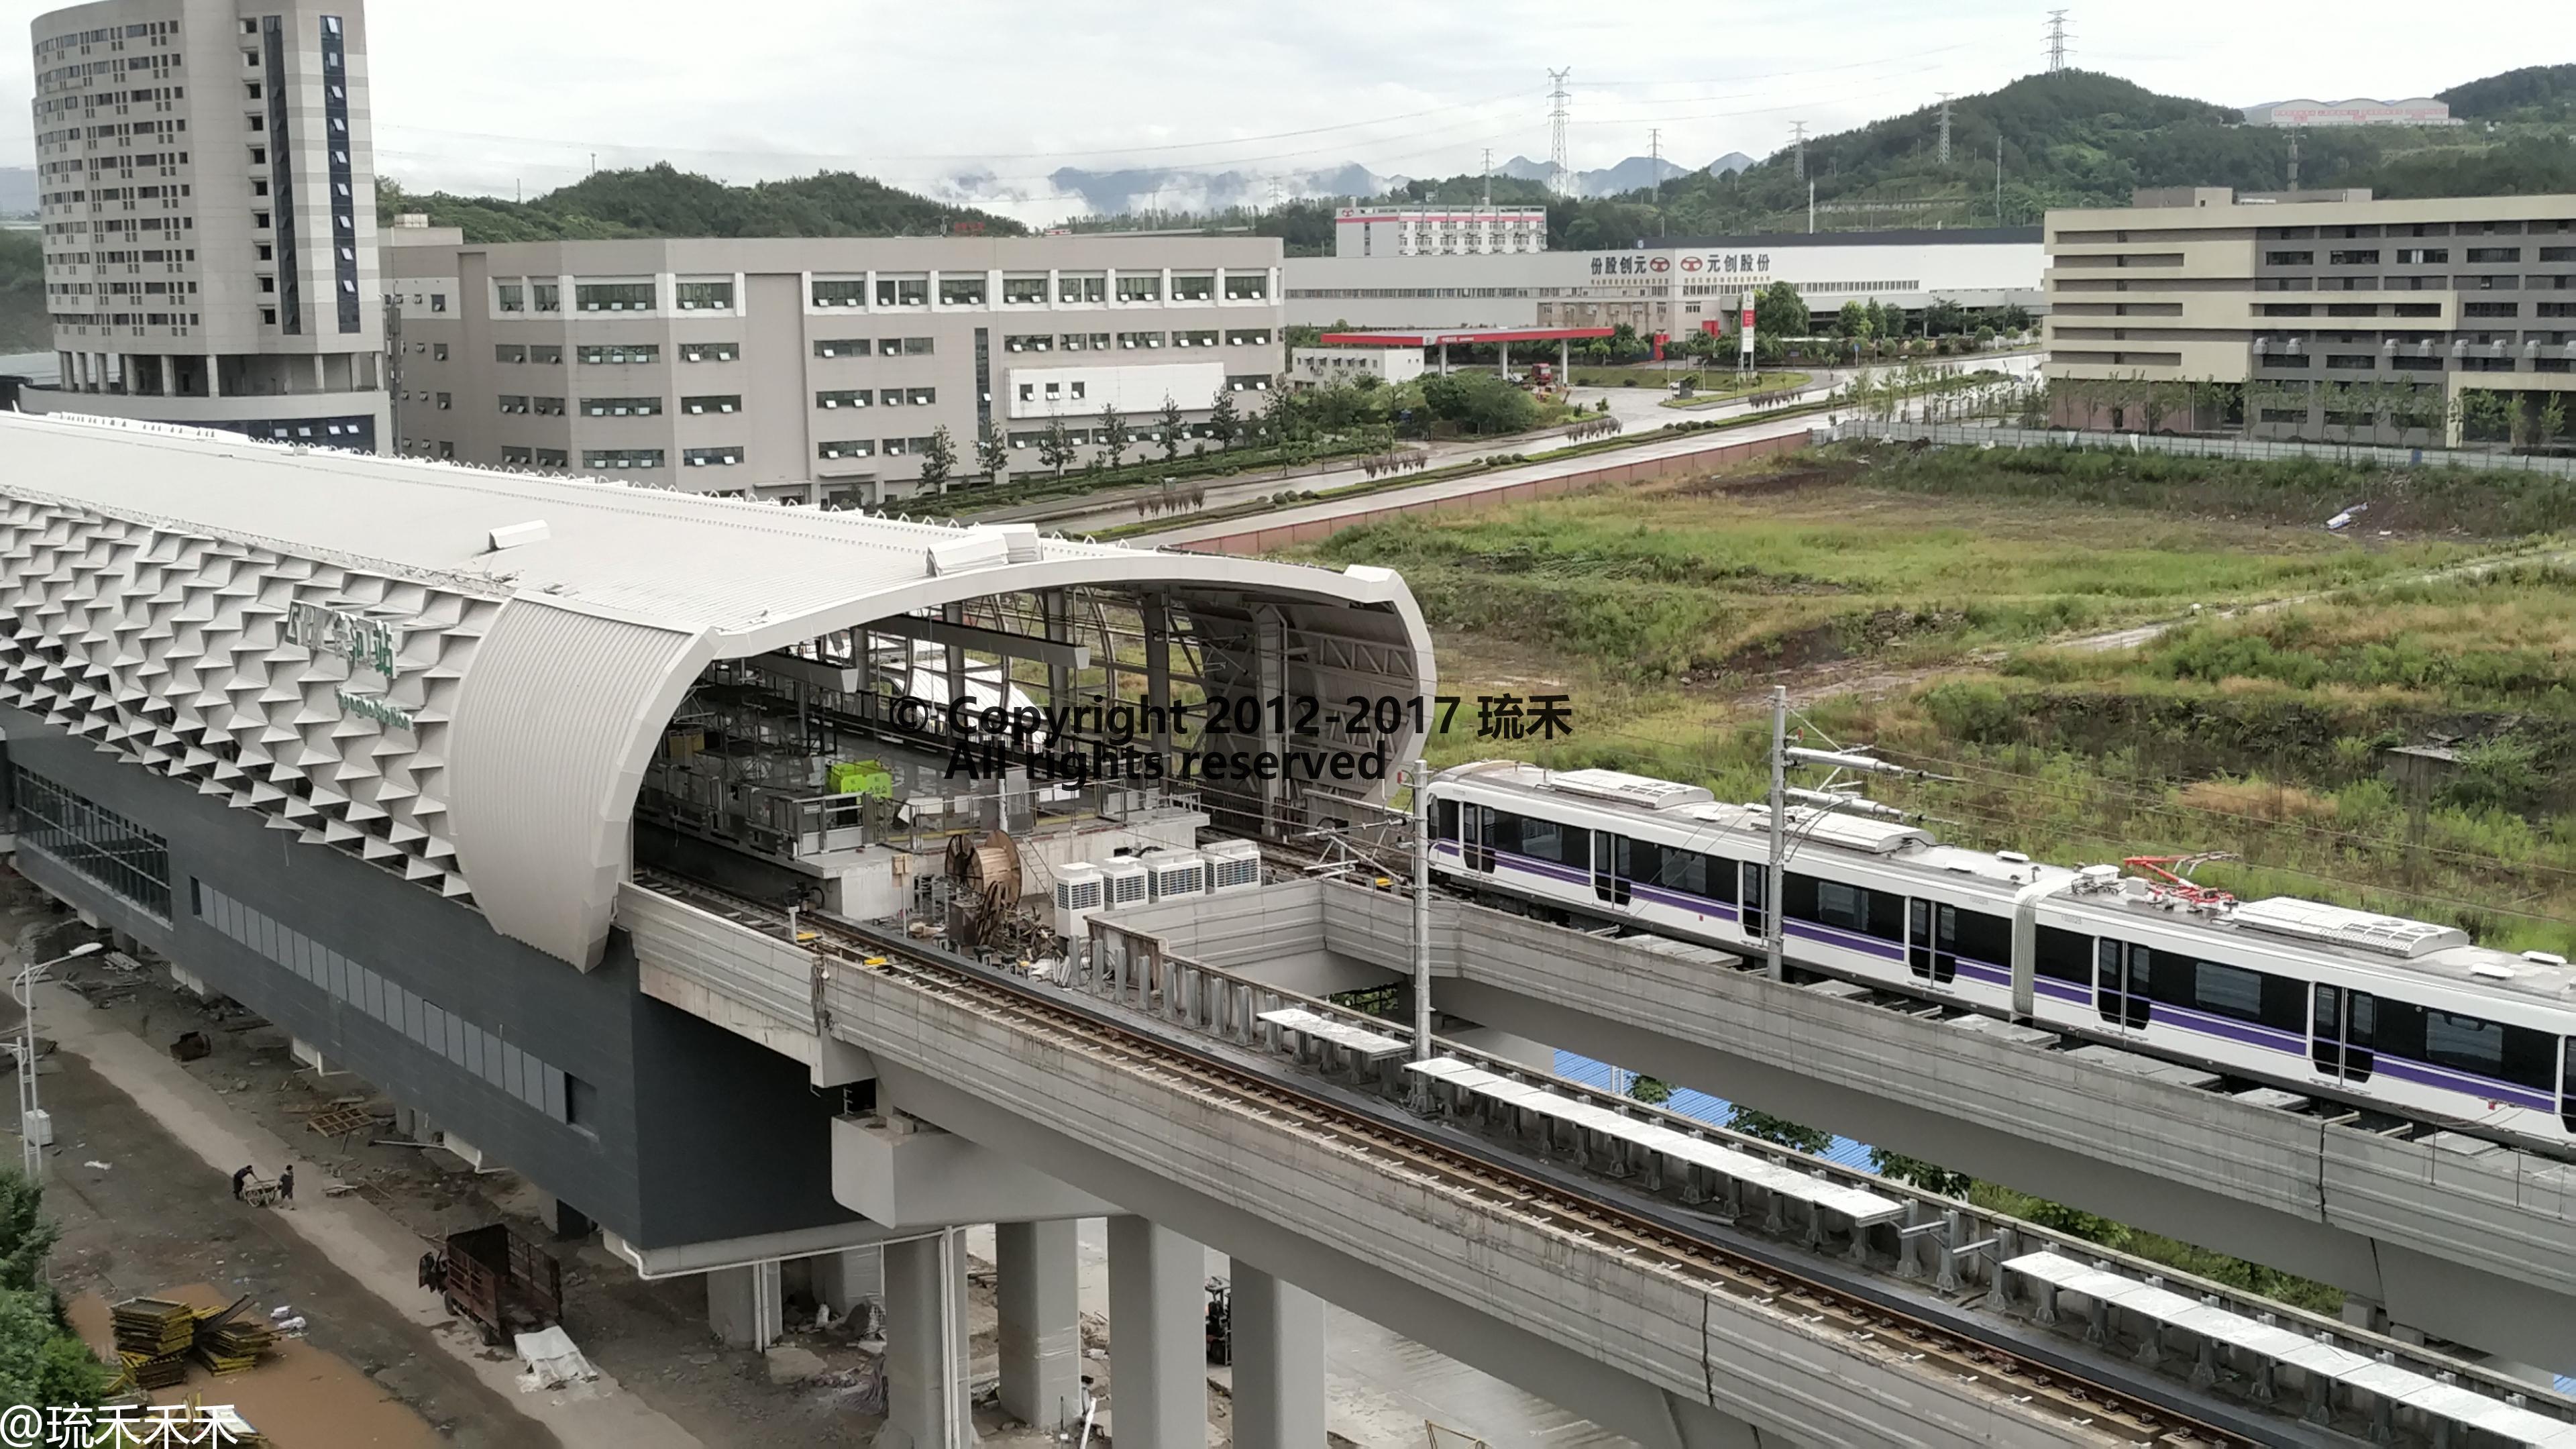 重慶軌道交通10號線圖片